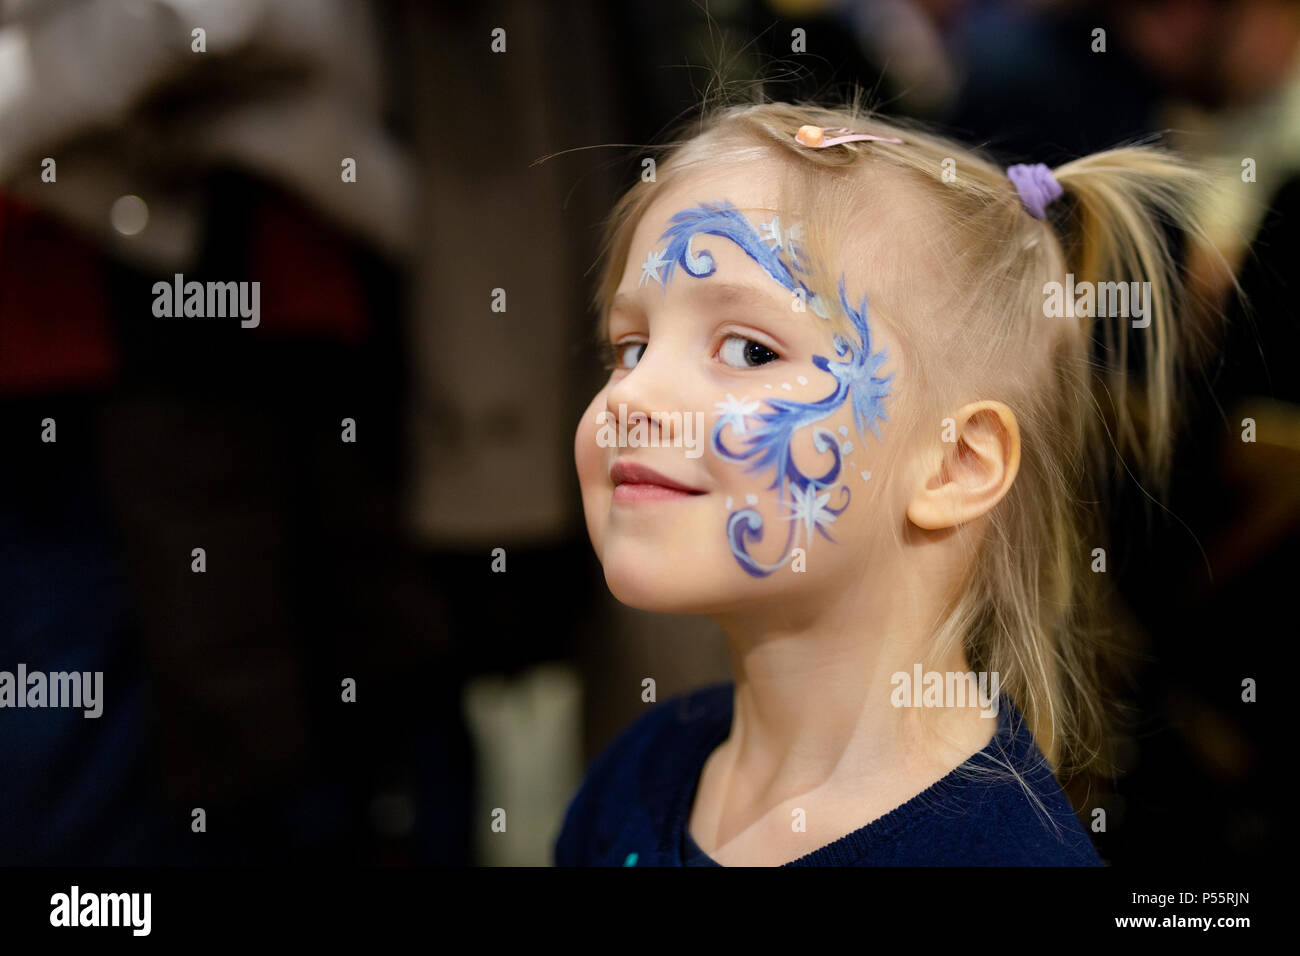 Jolie petite fille blonde avec la peinture du visage. Blue abstract pattern flocon par aquarelle sur les enfants sont confrontés. Adorable enfant avec des dessins colorés. Les enfants Photo Stock